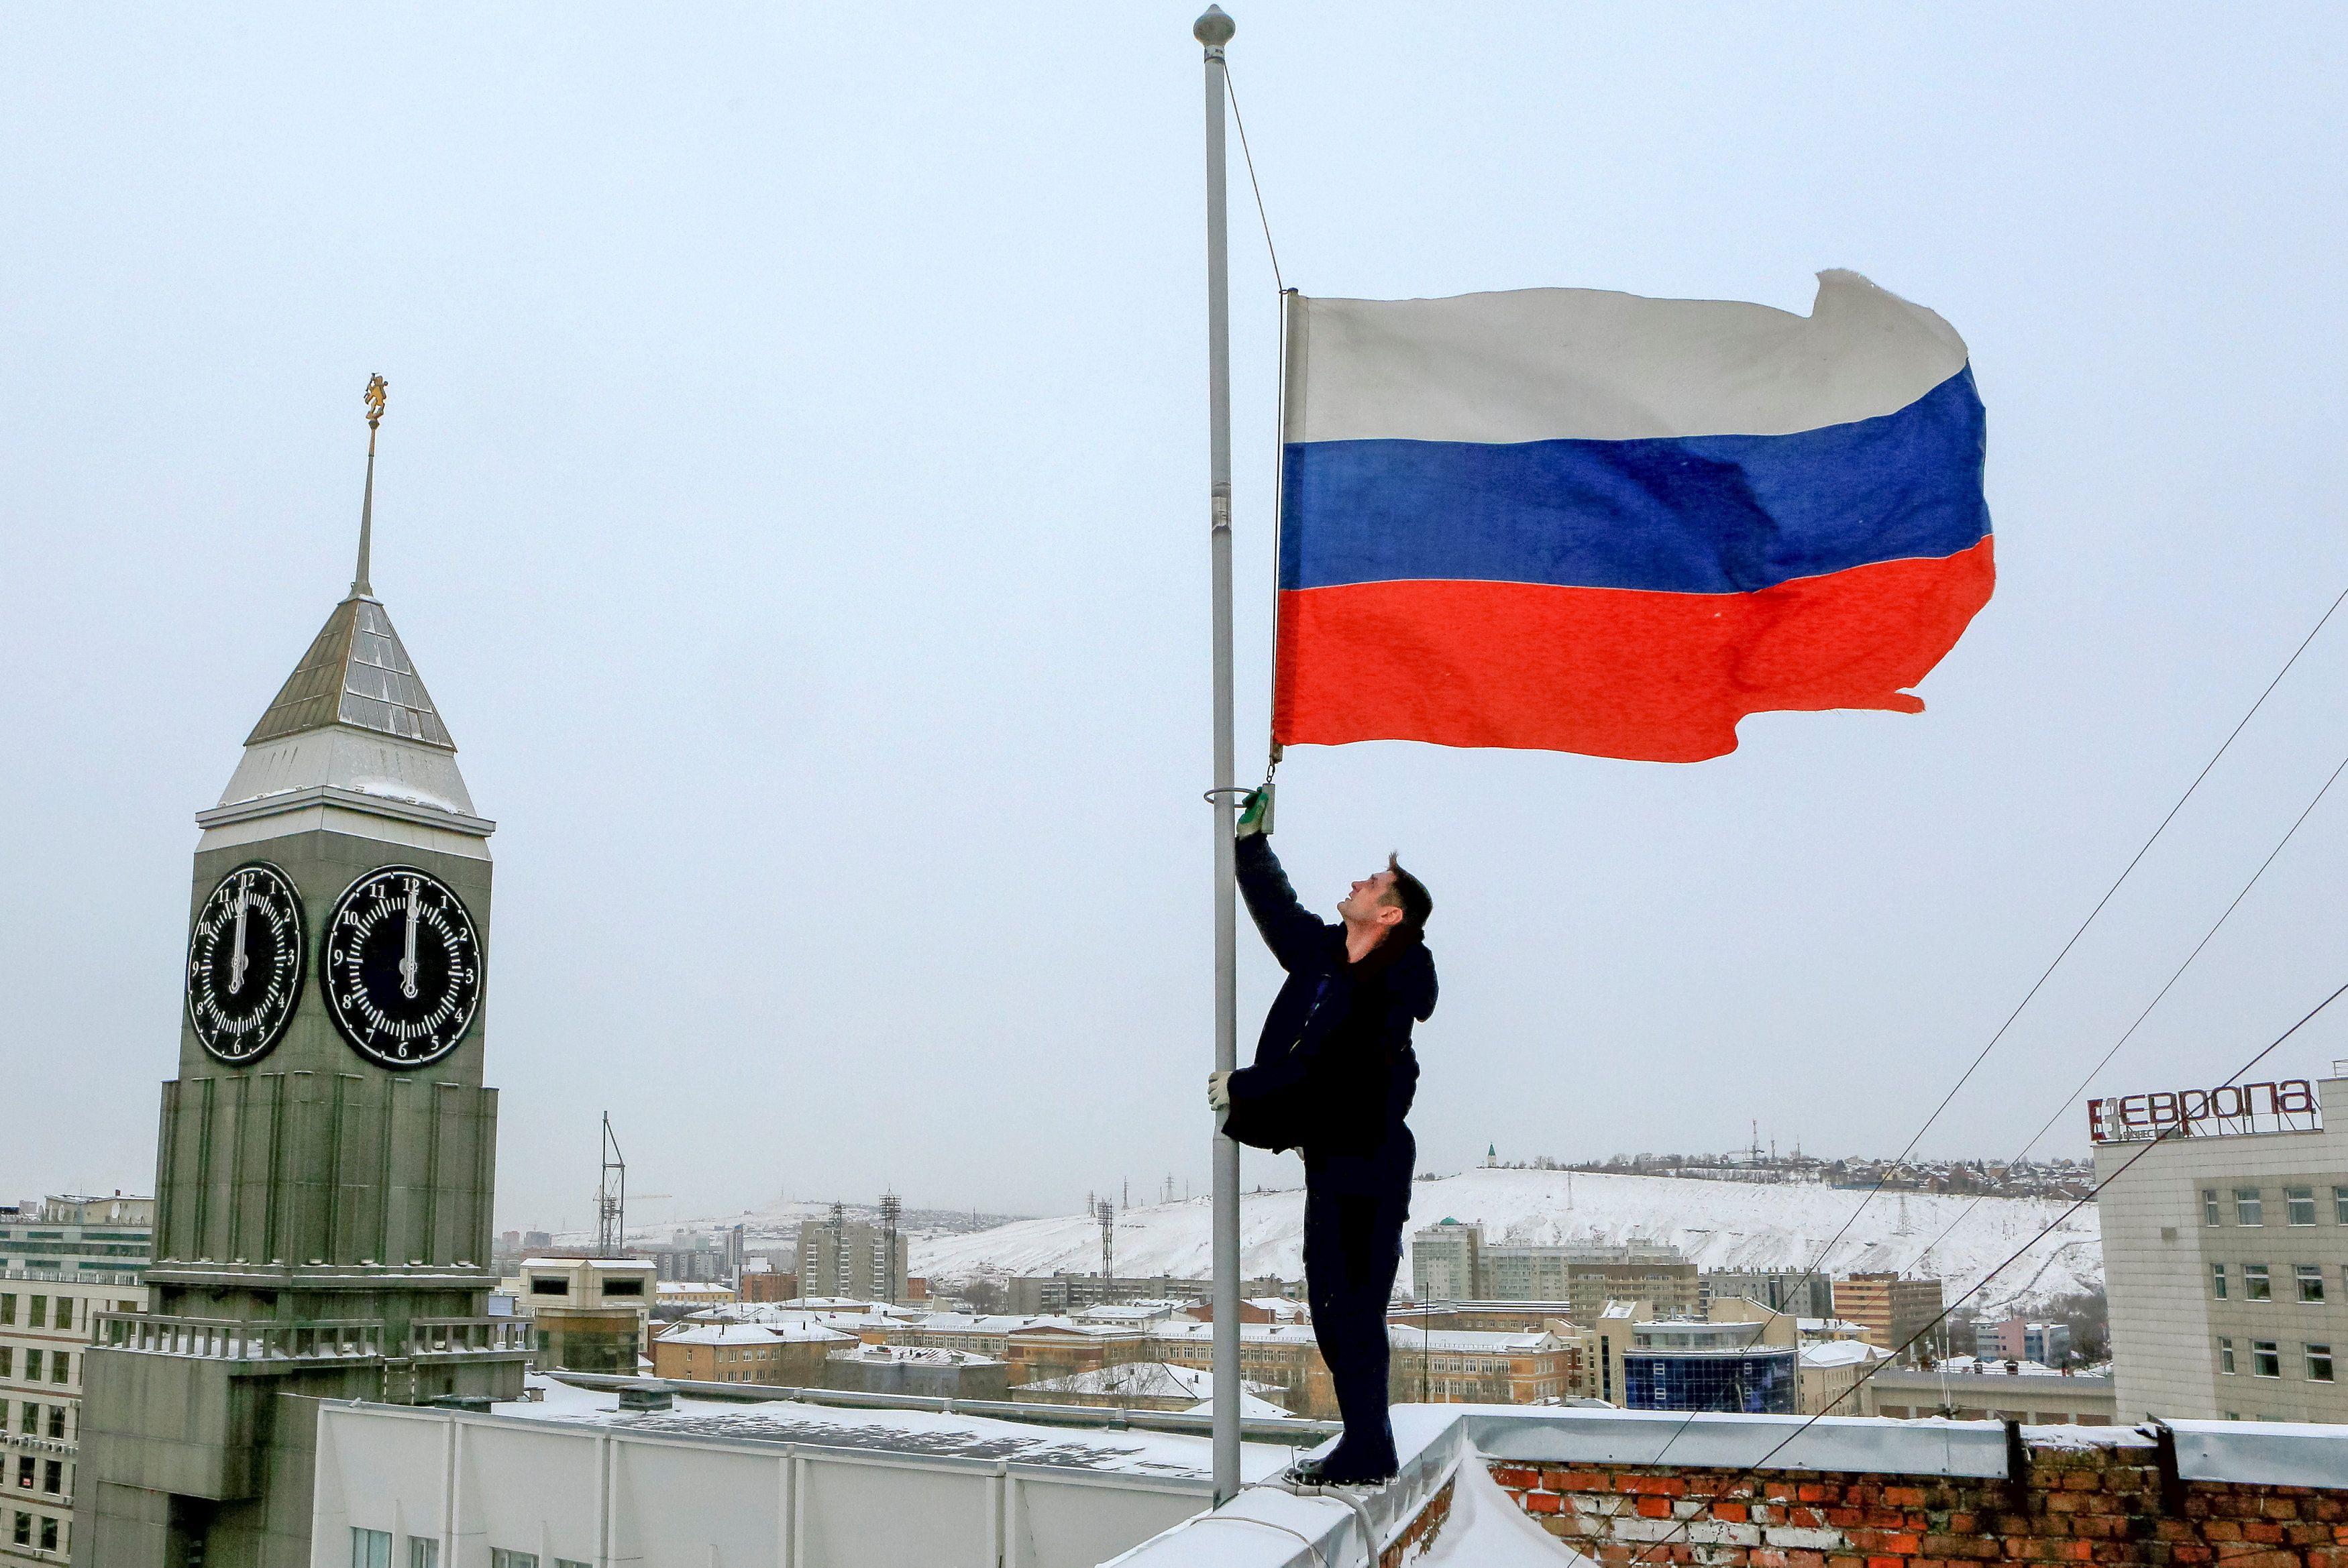 Астролог спрогнозировал, что Россия начнет распадаться в 2025-м